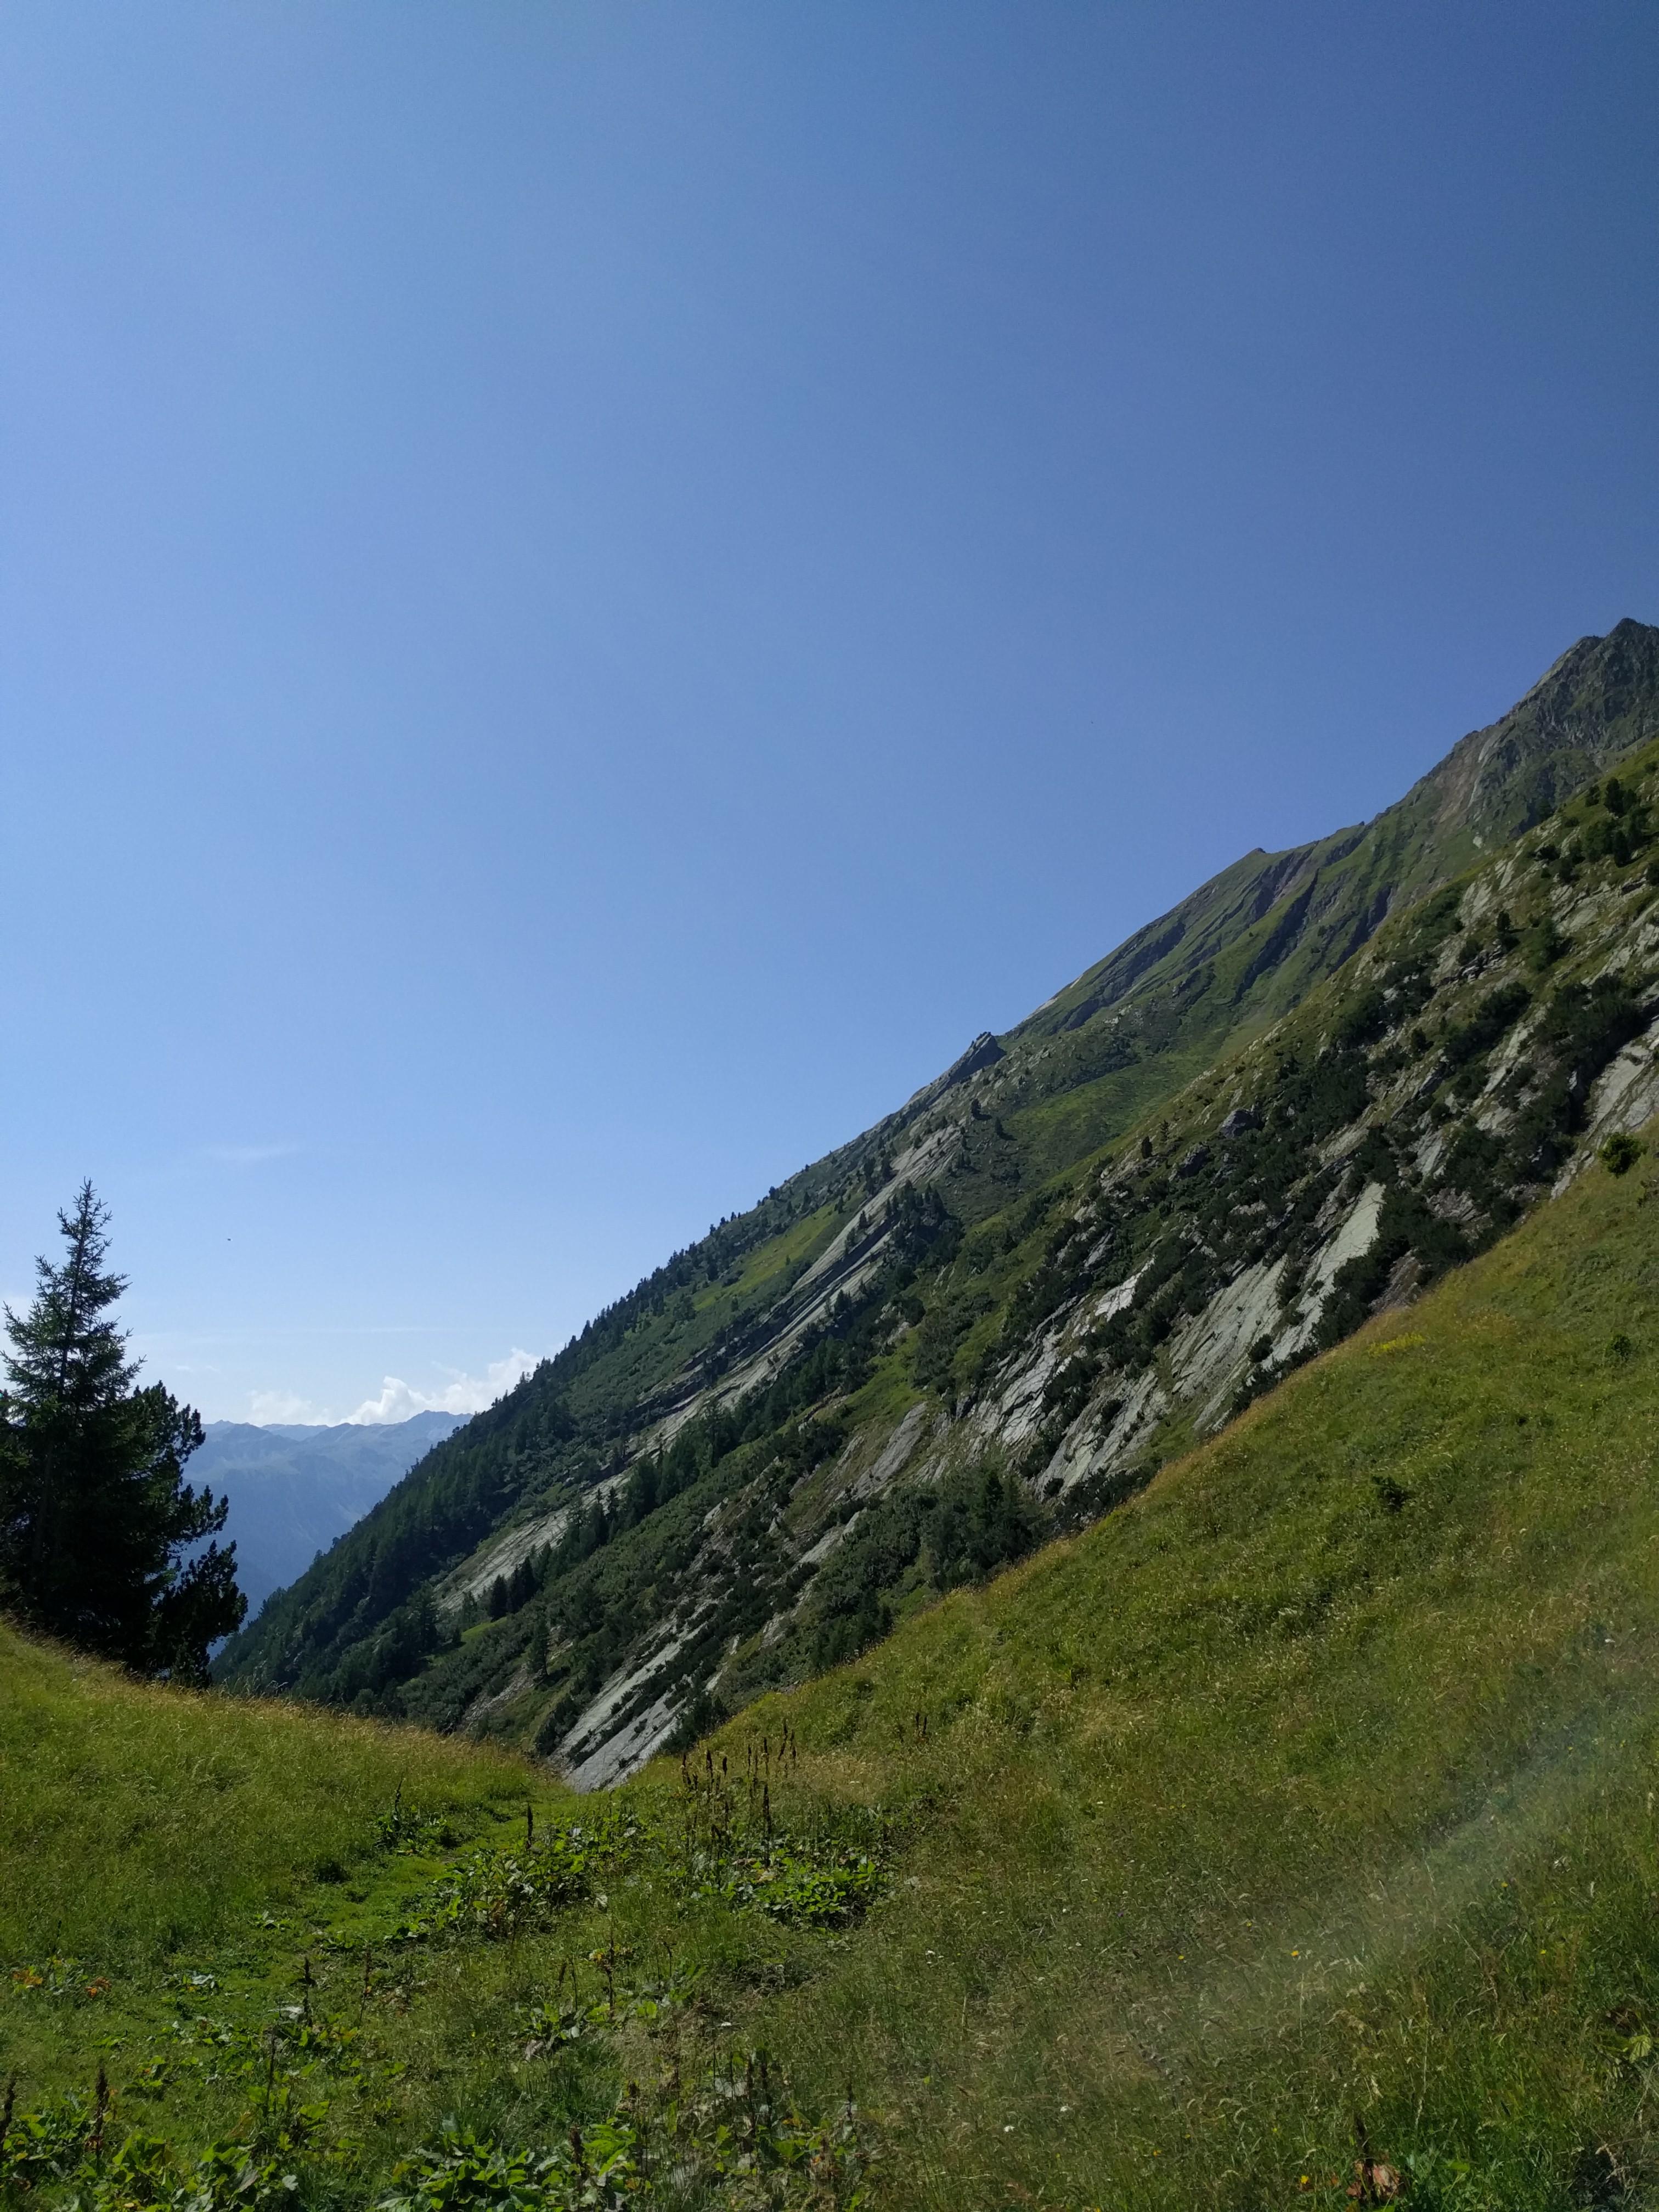 Prairie dans un petit val, au-dessus de l'alpage de Catogne, avec vue sur le Catogne